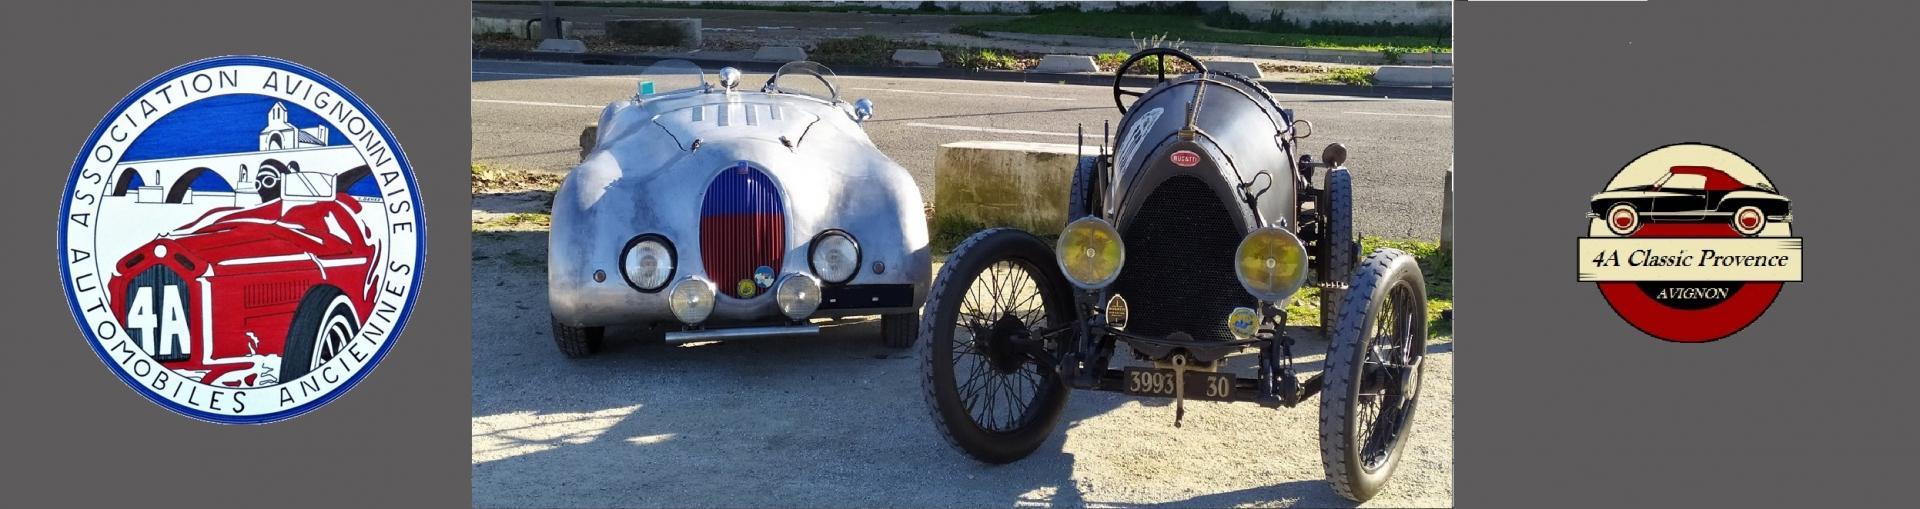 4A - Association Avignonnaise Automobiles Anciennes. Club d'autos anciennes d'Avignon et sa région